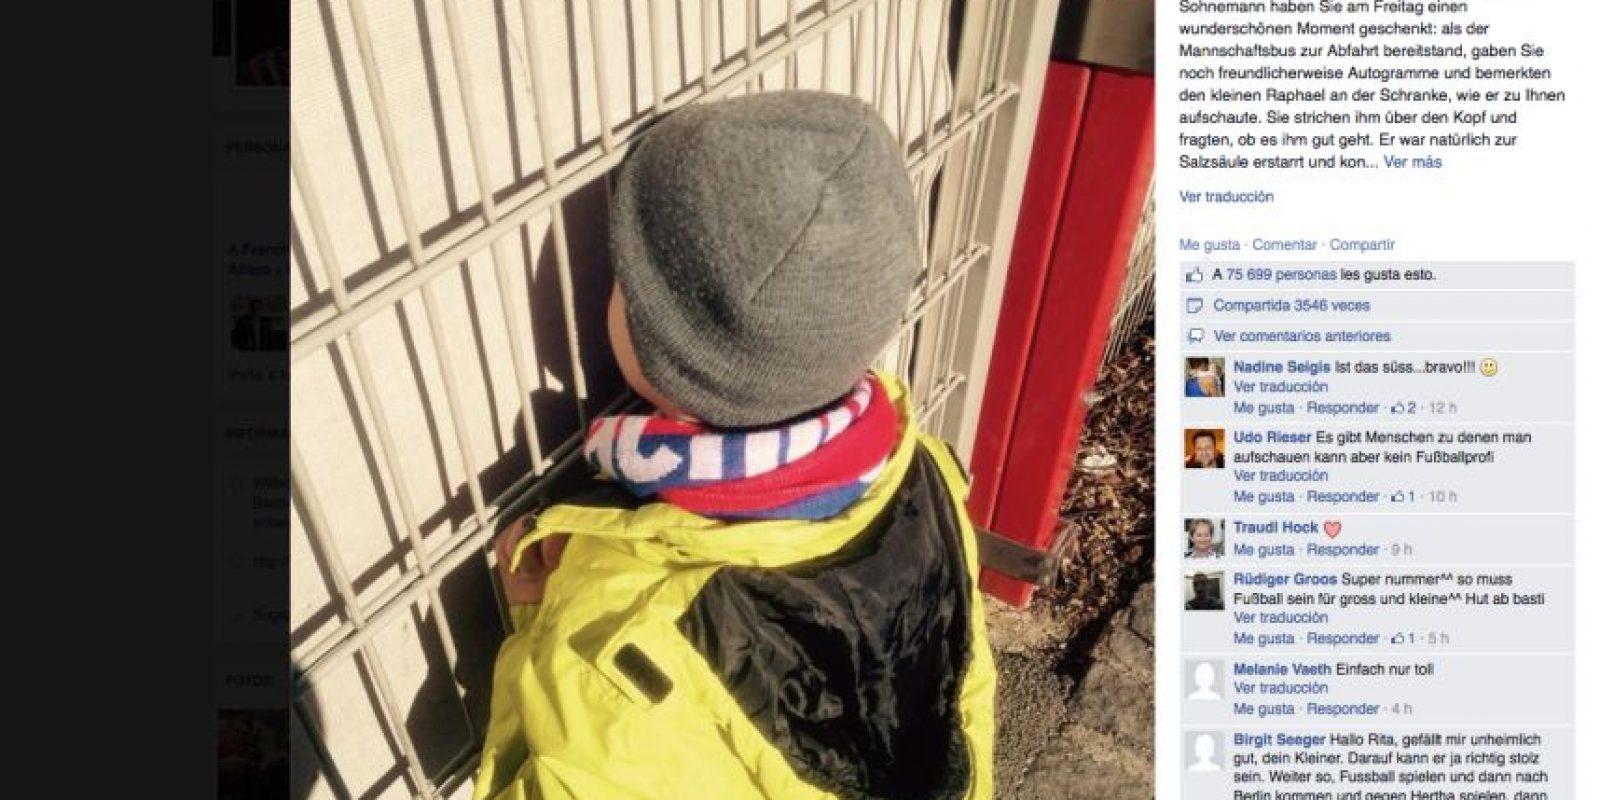 El futbolista alemán alentó al pequeño seguidor a seguir con su aseo personal. Foto:Publinews